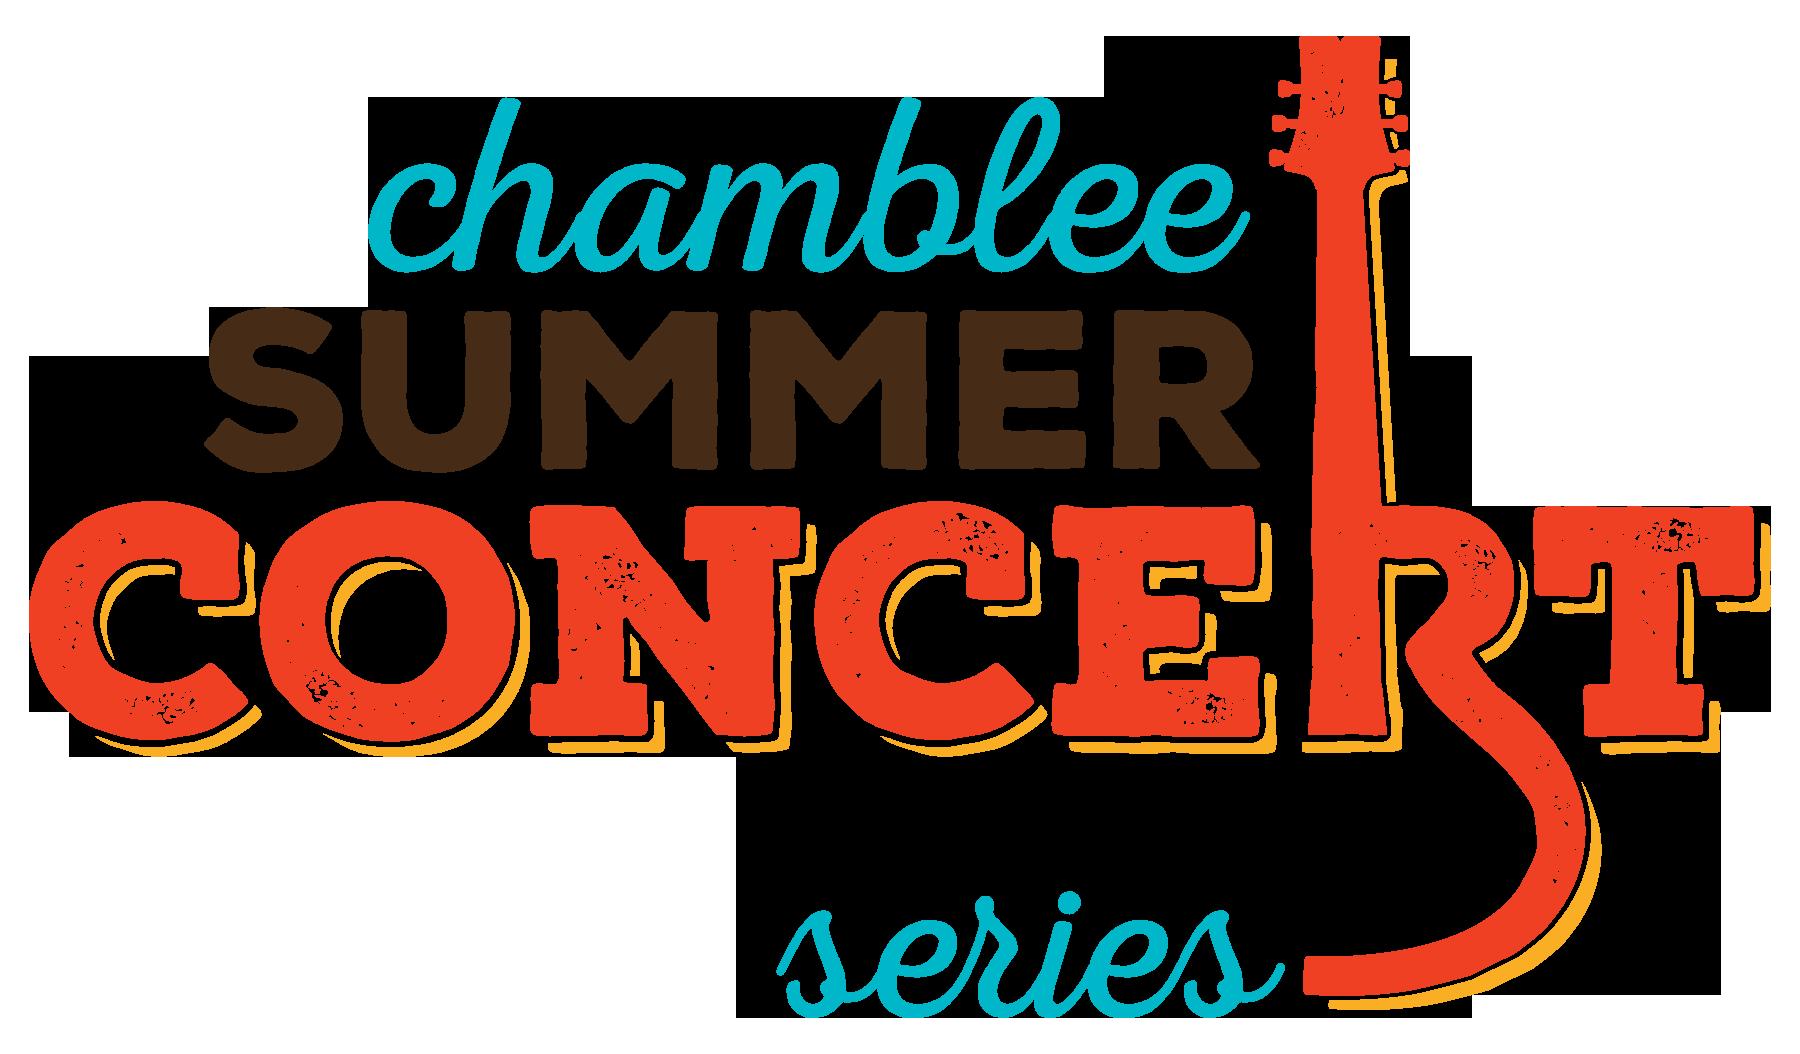 Chamblee, GA - Official Website - Summer Concert Series